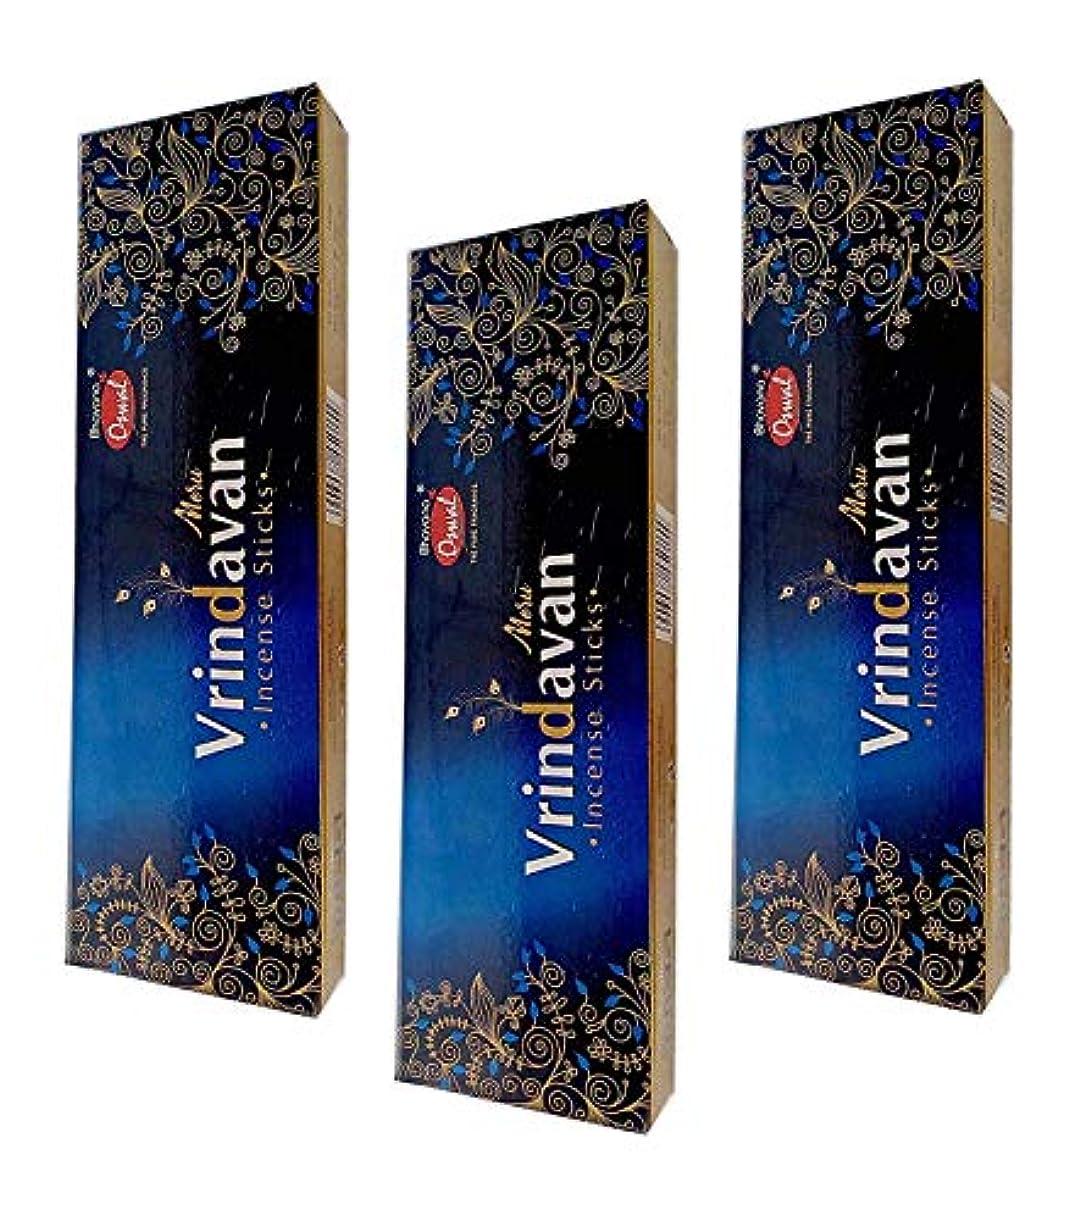 領事館請う申し立てられたOSWAL VRINDAVAN Incense Sticks Combo Pack of 3 (100 GM Each)